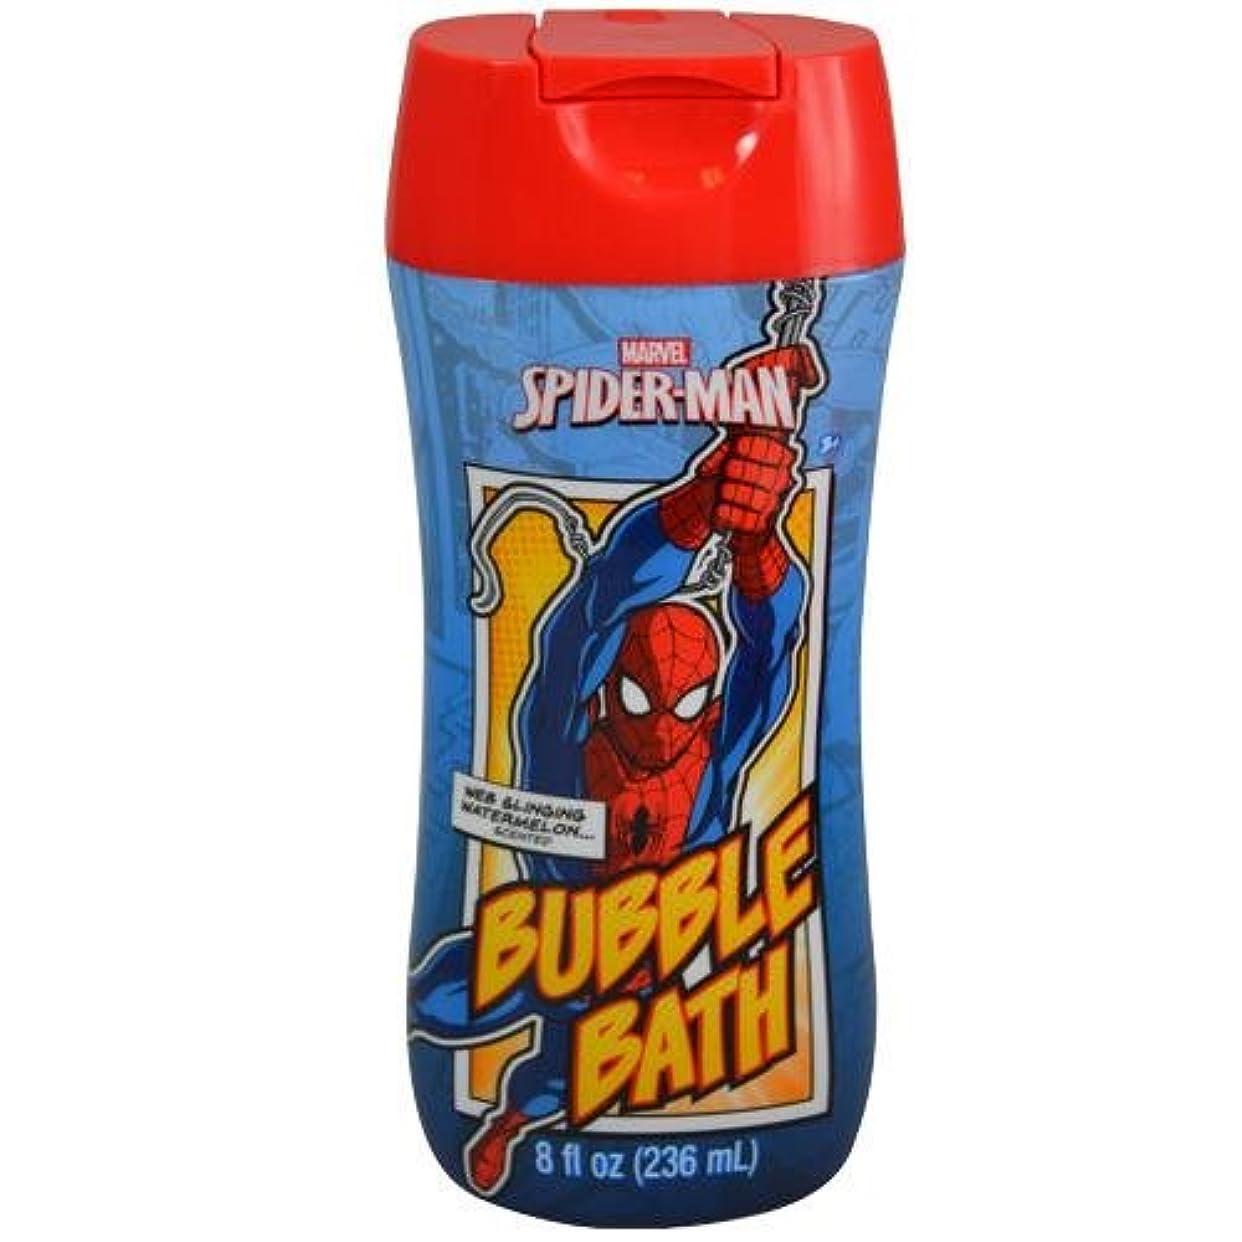 背骨恐怖症ハーネススパイダーマン SPIDER-MAN バブルバス 12190 MARVEL 入浴剤 お風呂 子供 子供用 キッズ 泡 バブル 泡風呂 MARVEL マーベル【即日?翌日発送】